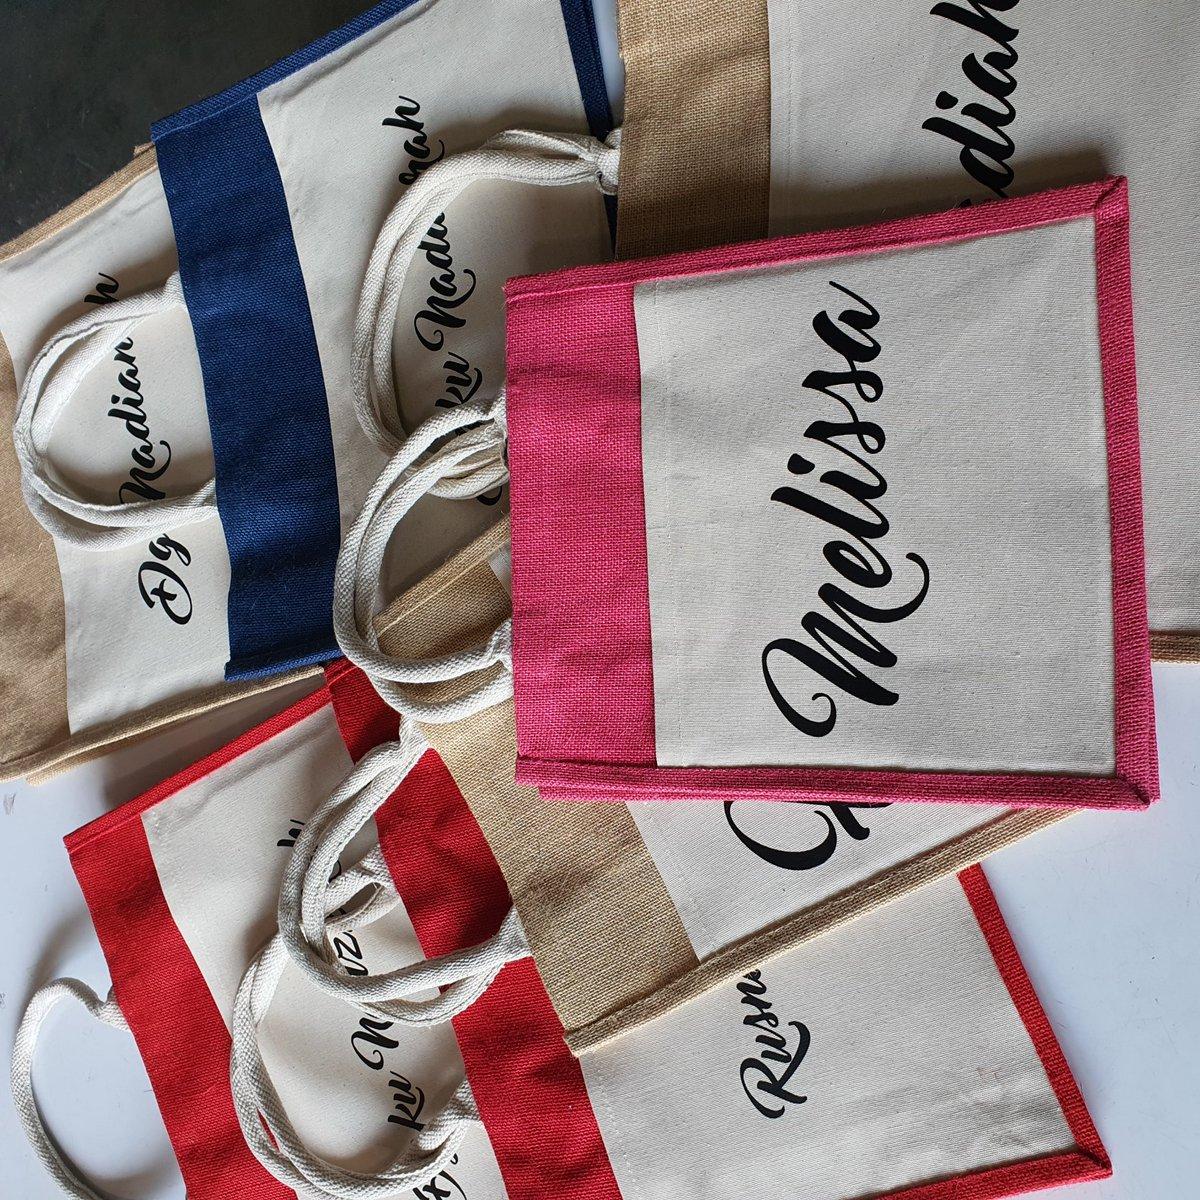 Customize Printed Name Jute Bag Viral. Super sharp printing. Whatpps 0182840112 #darkproject #printingbaju #printingtshirt #branding #streetwear #bagviral #bagnama #viral #trending #kotadamansarapic.twitter.com/a6VQj6so5F